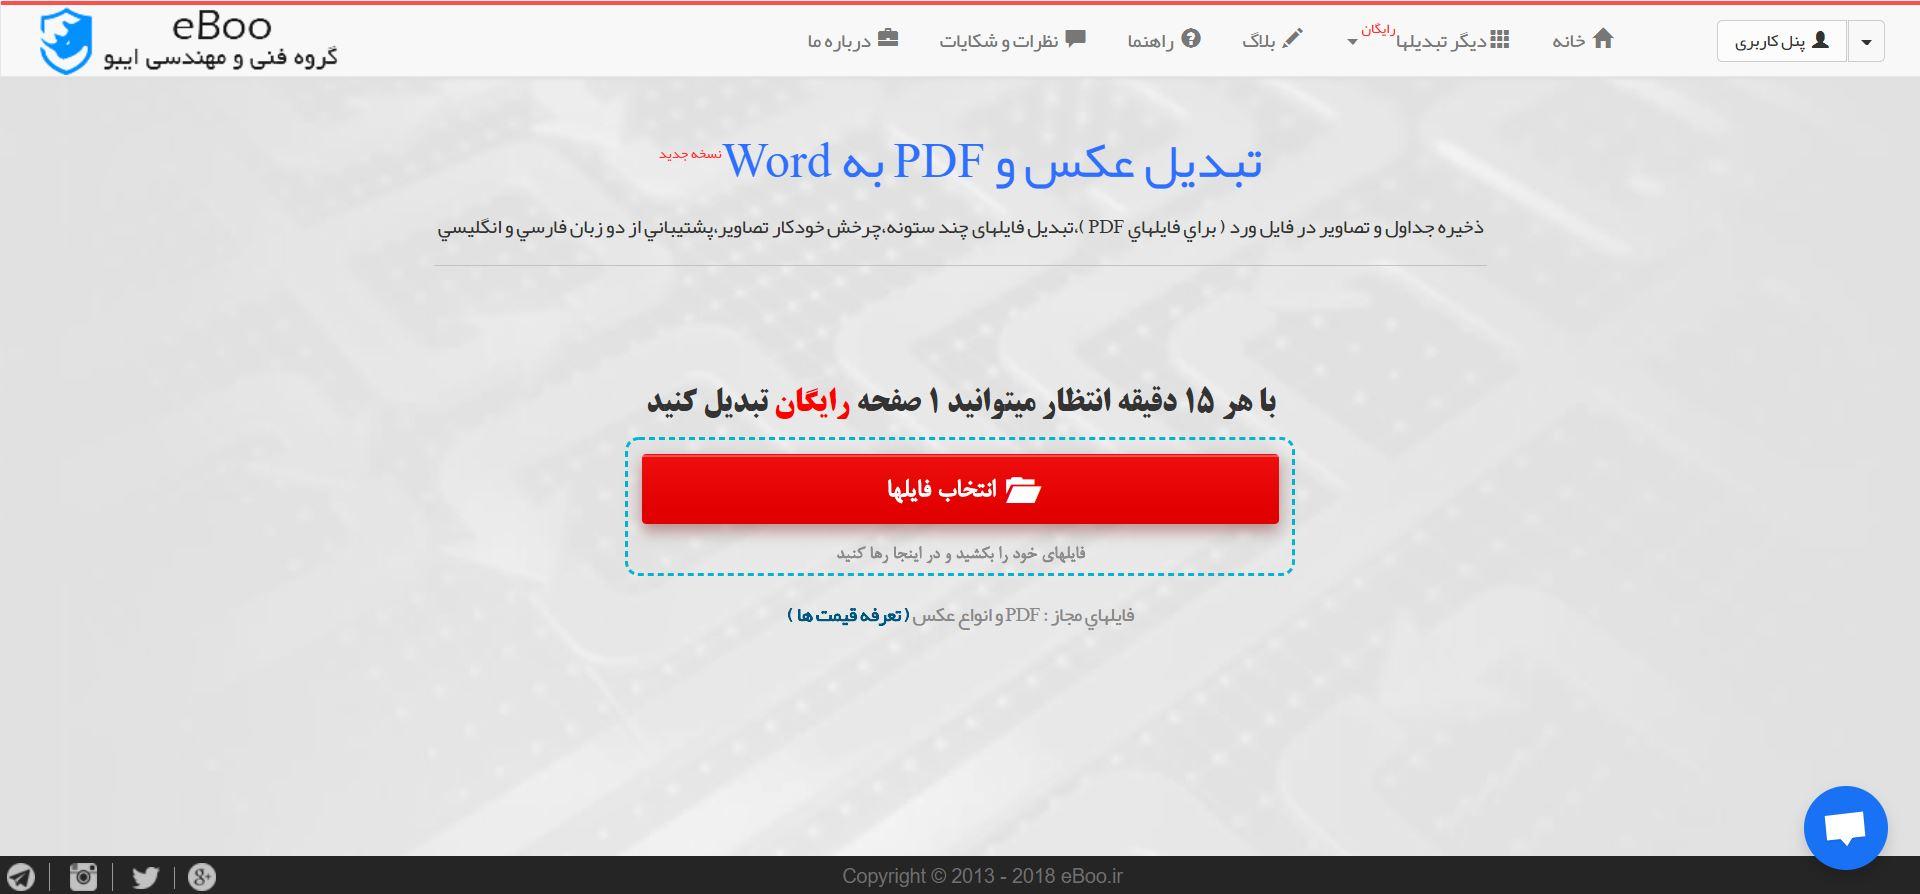 تبدیل PDF به ورد